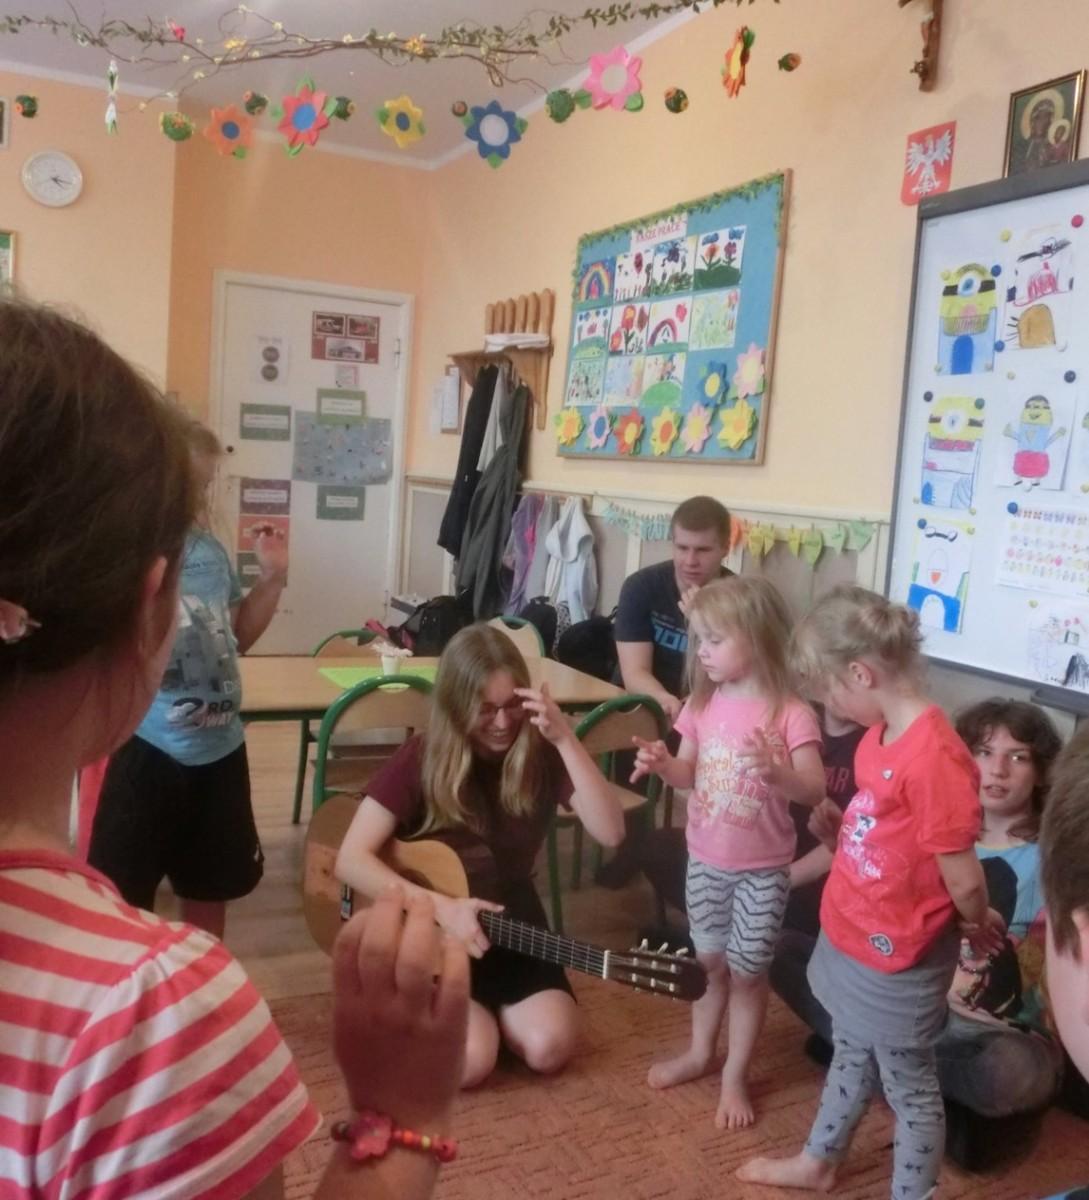 Biete für die Kinder in der Einsatzstelle verschiedenen Aktivitäten an....